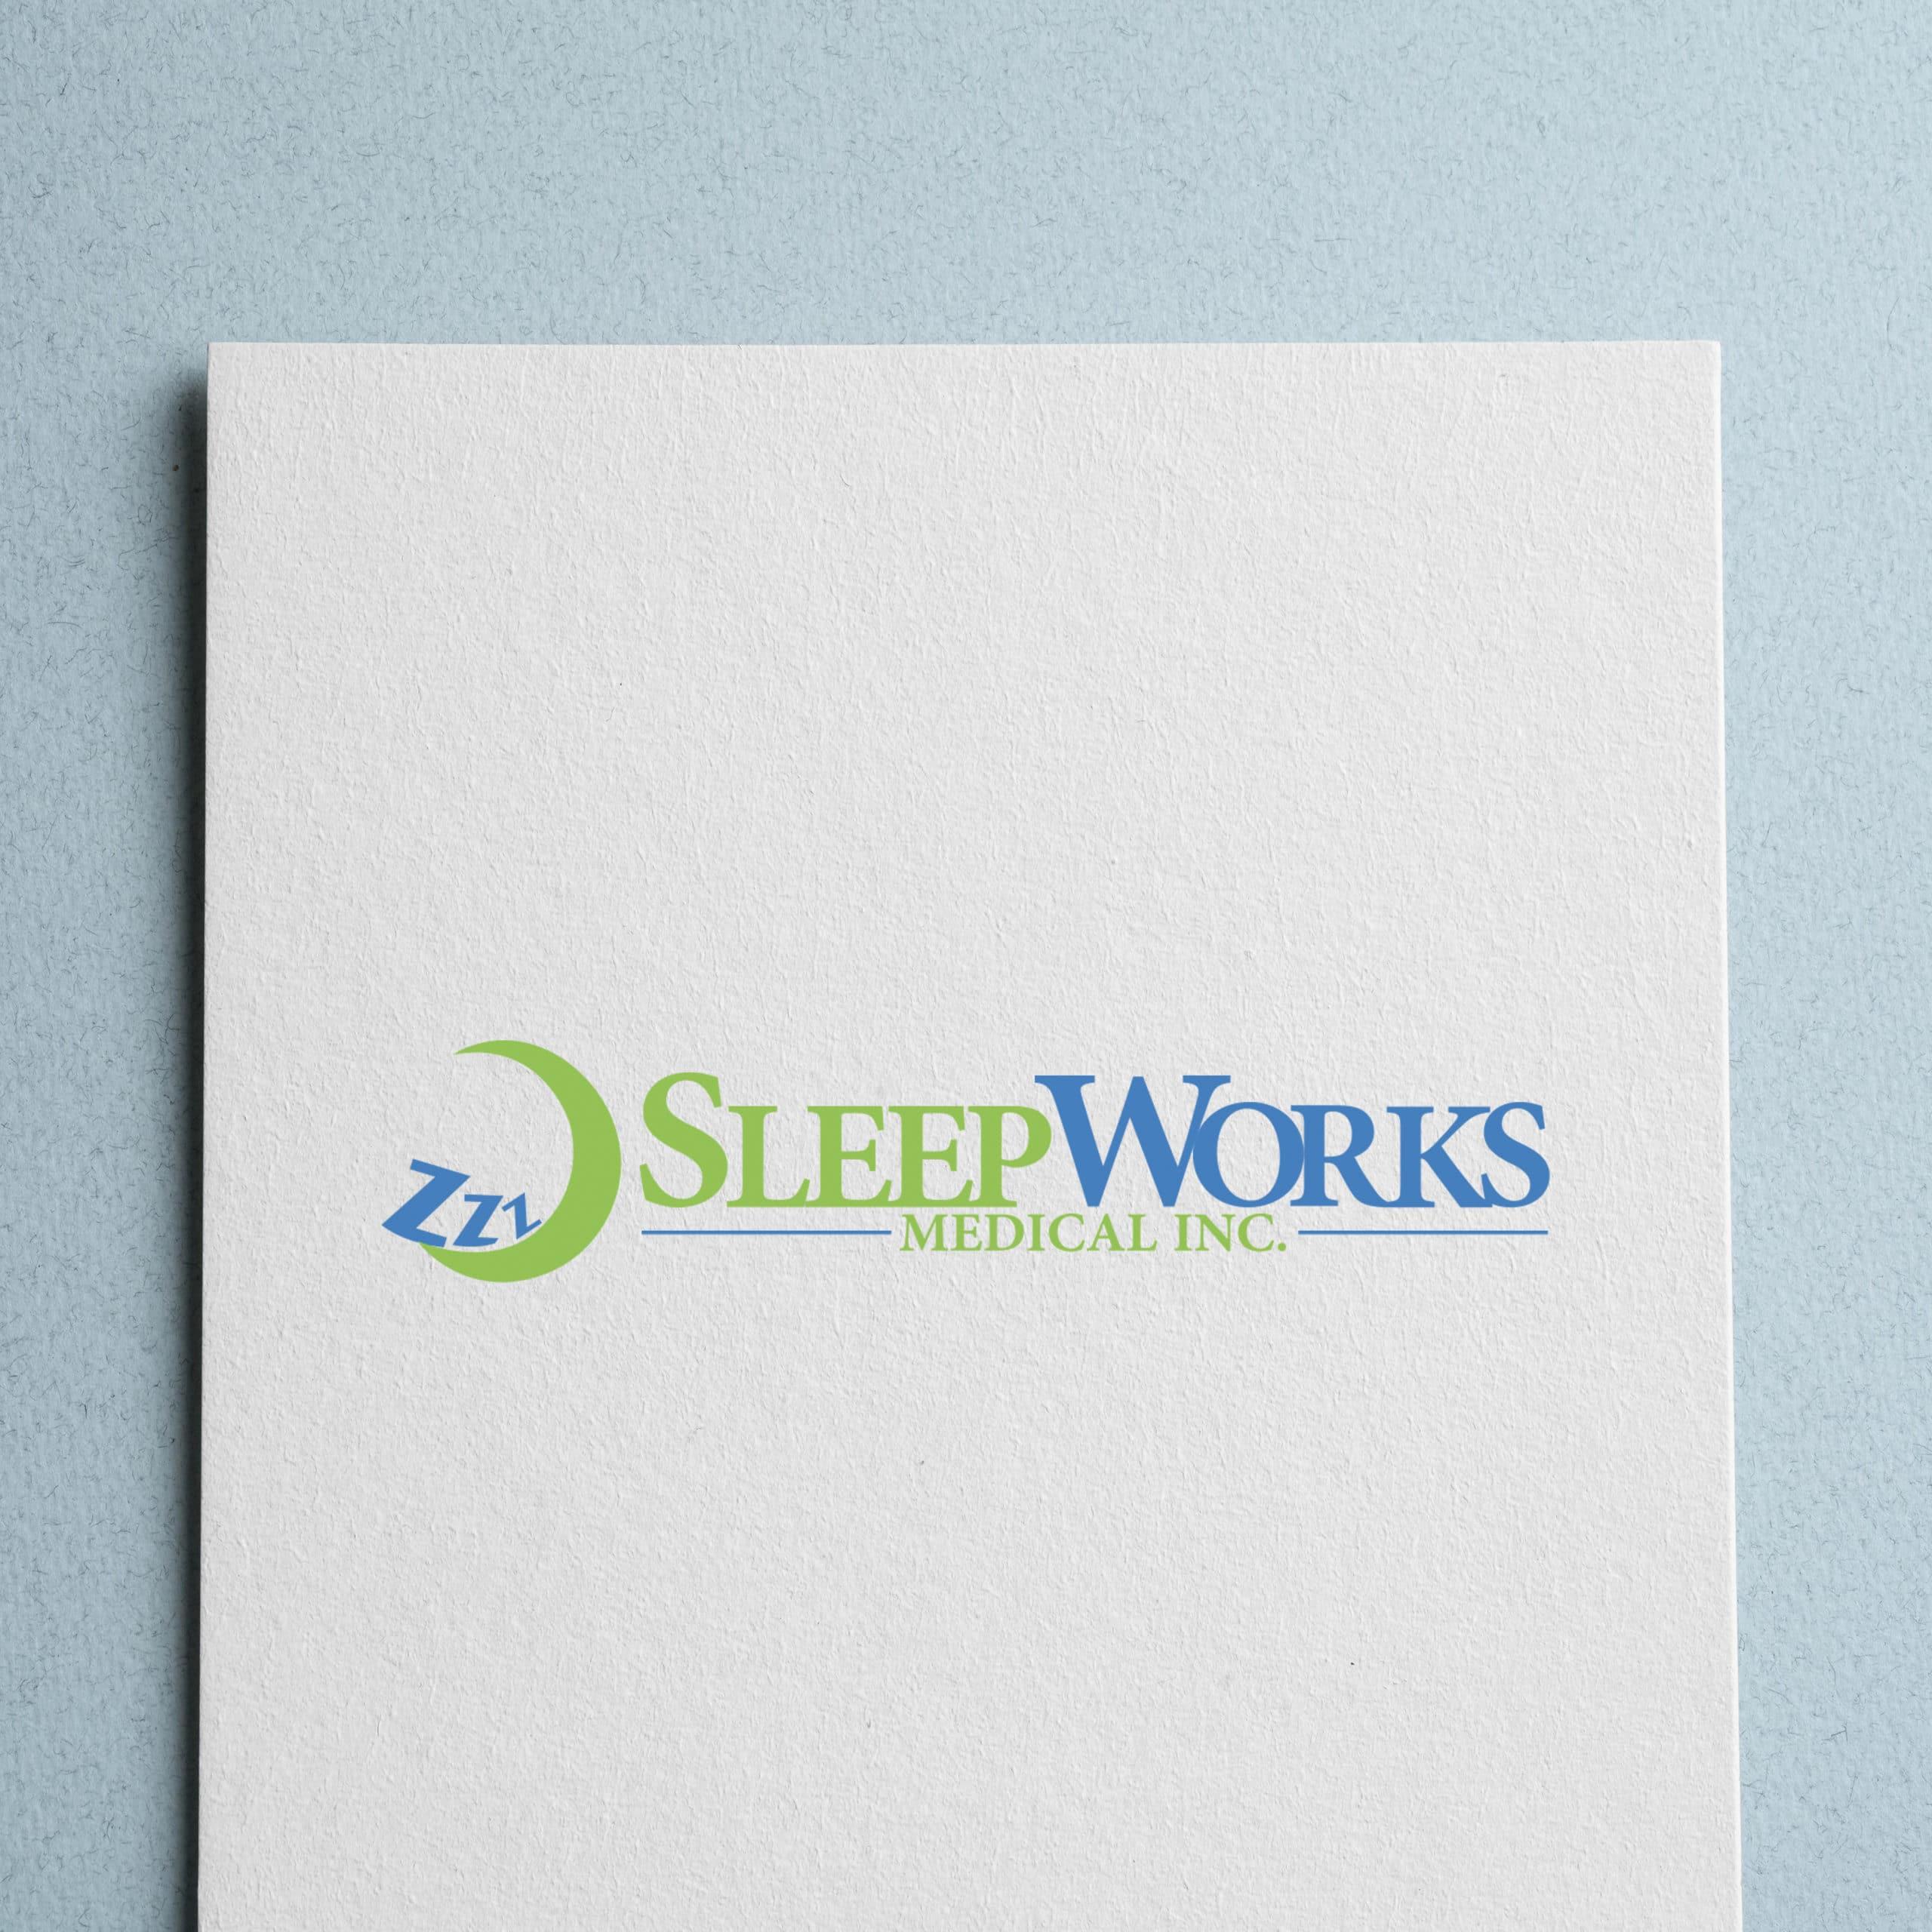 SleepWorks Medical, Surrey